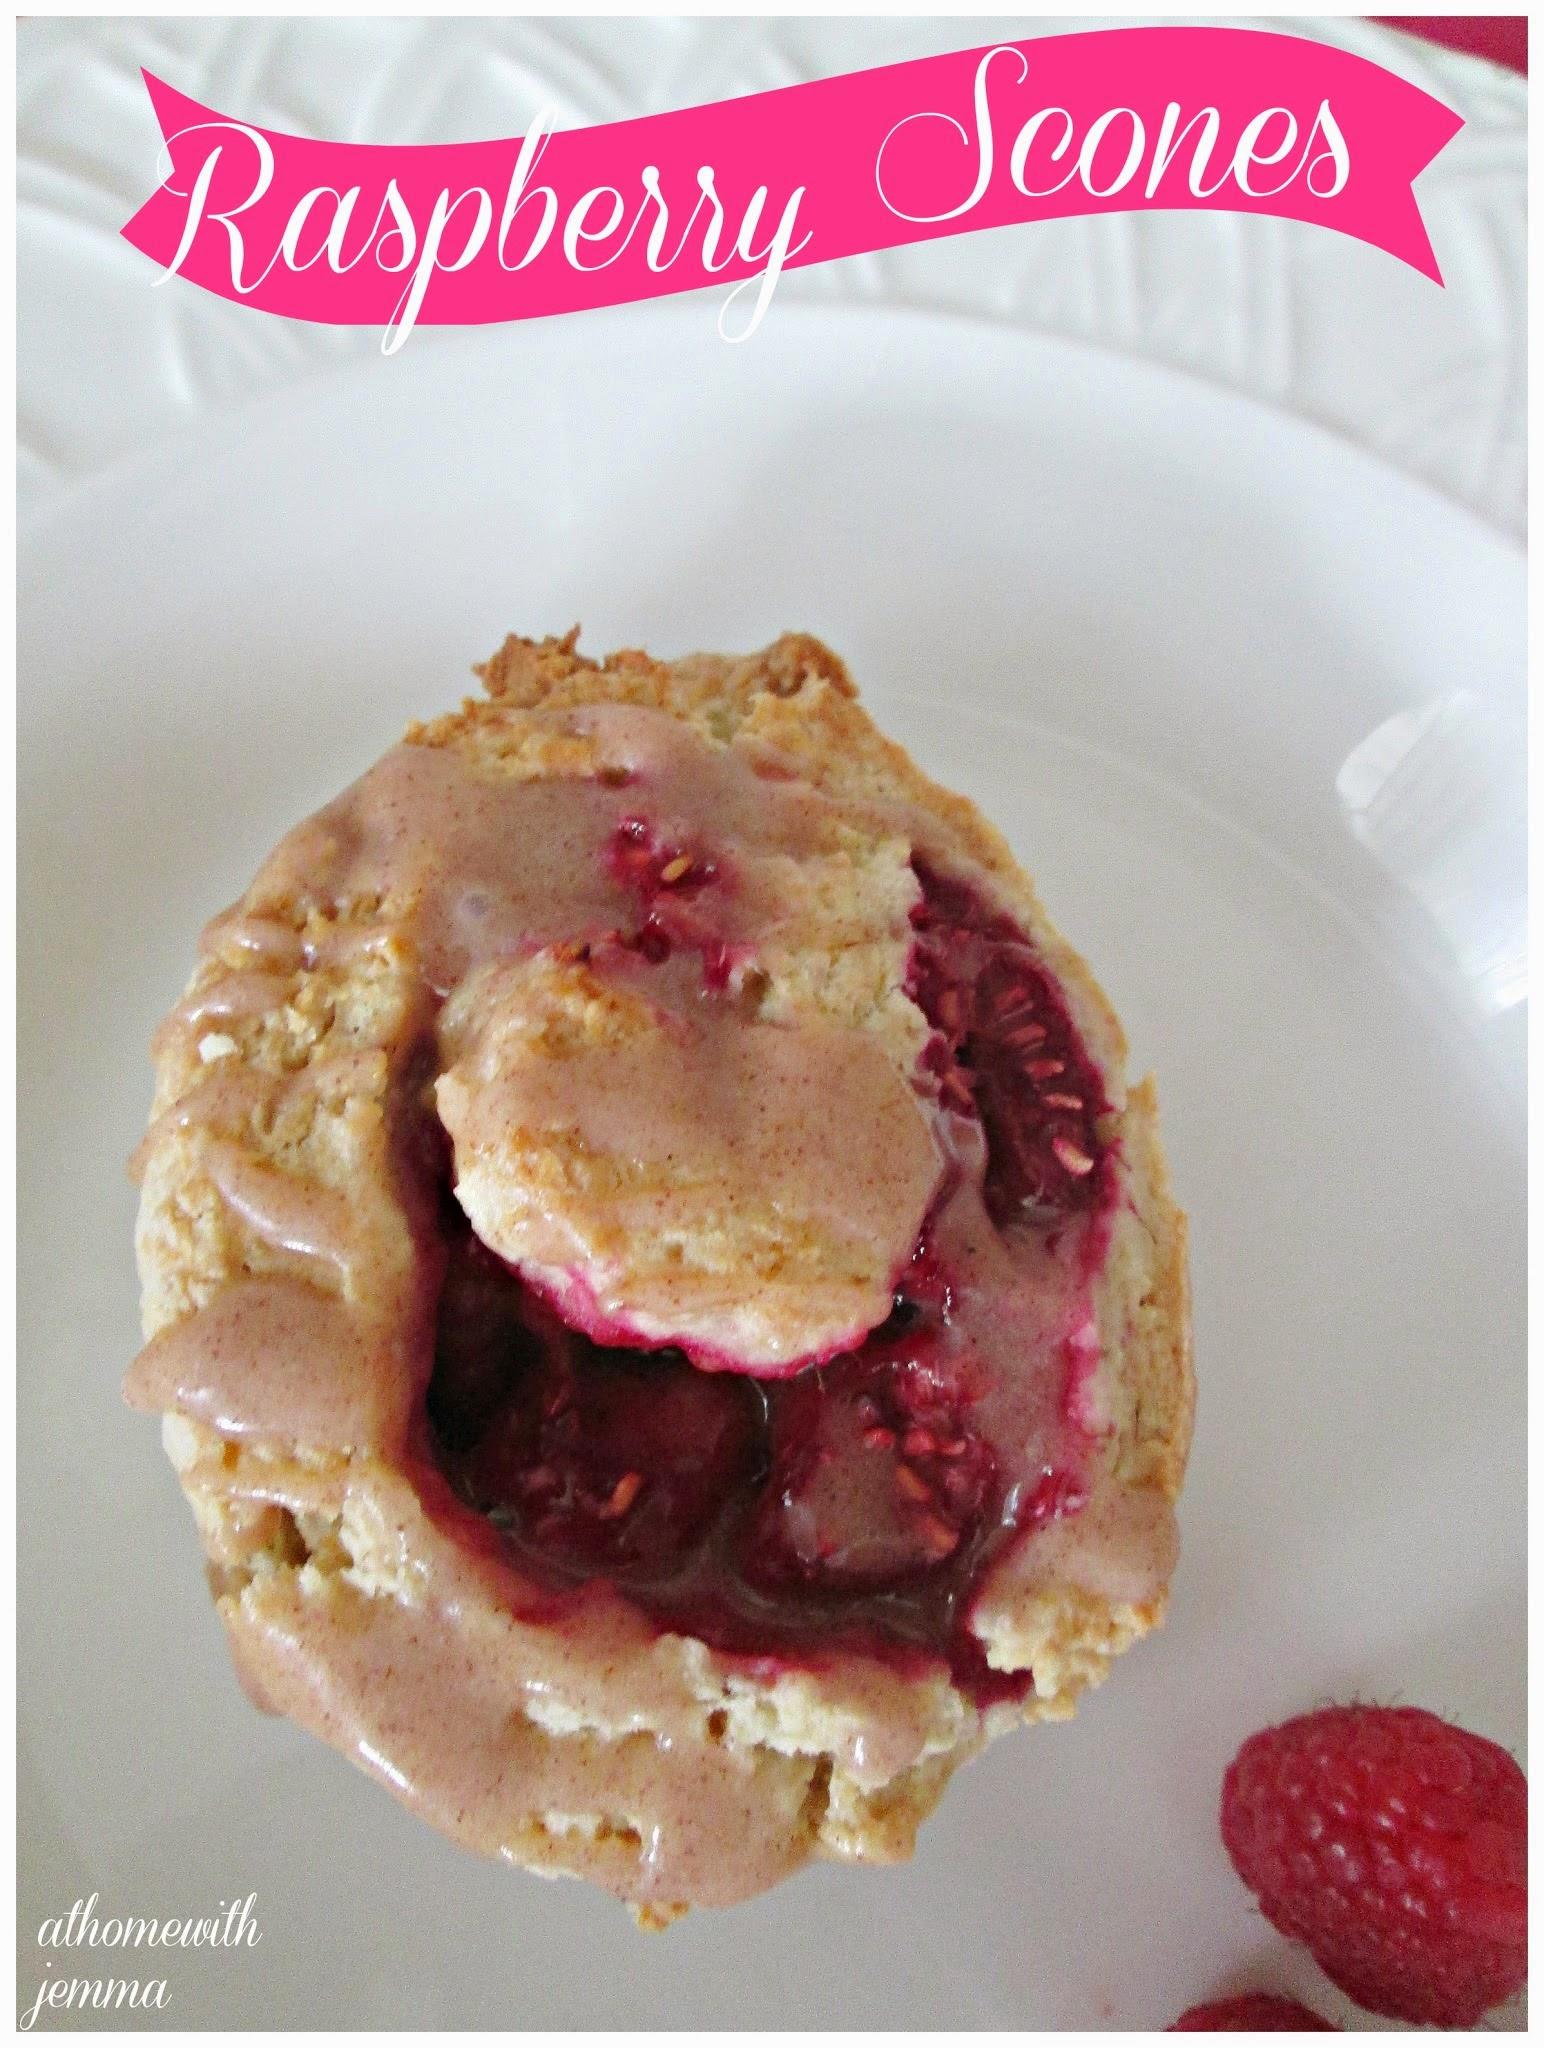 scones-raspberry-recipe-easy-homemade